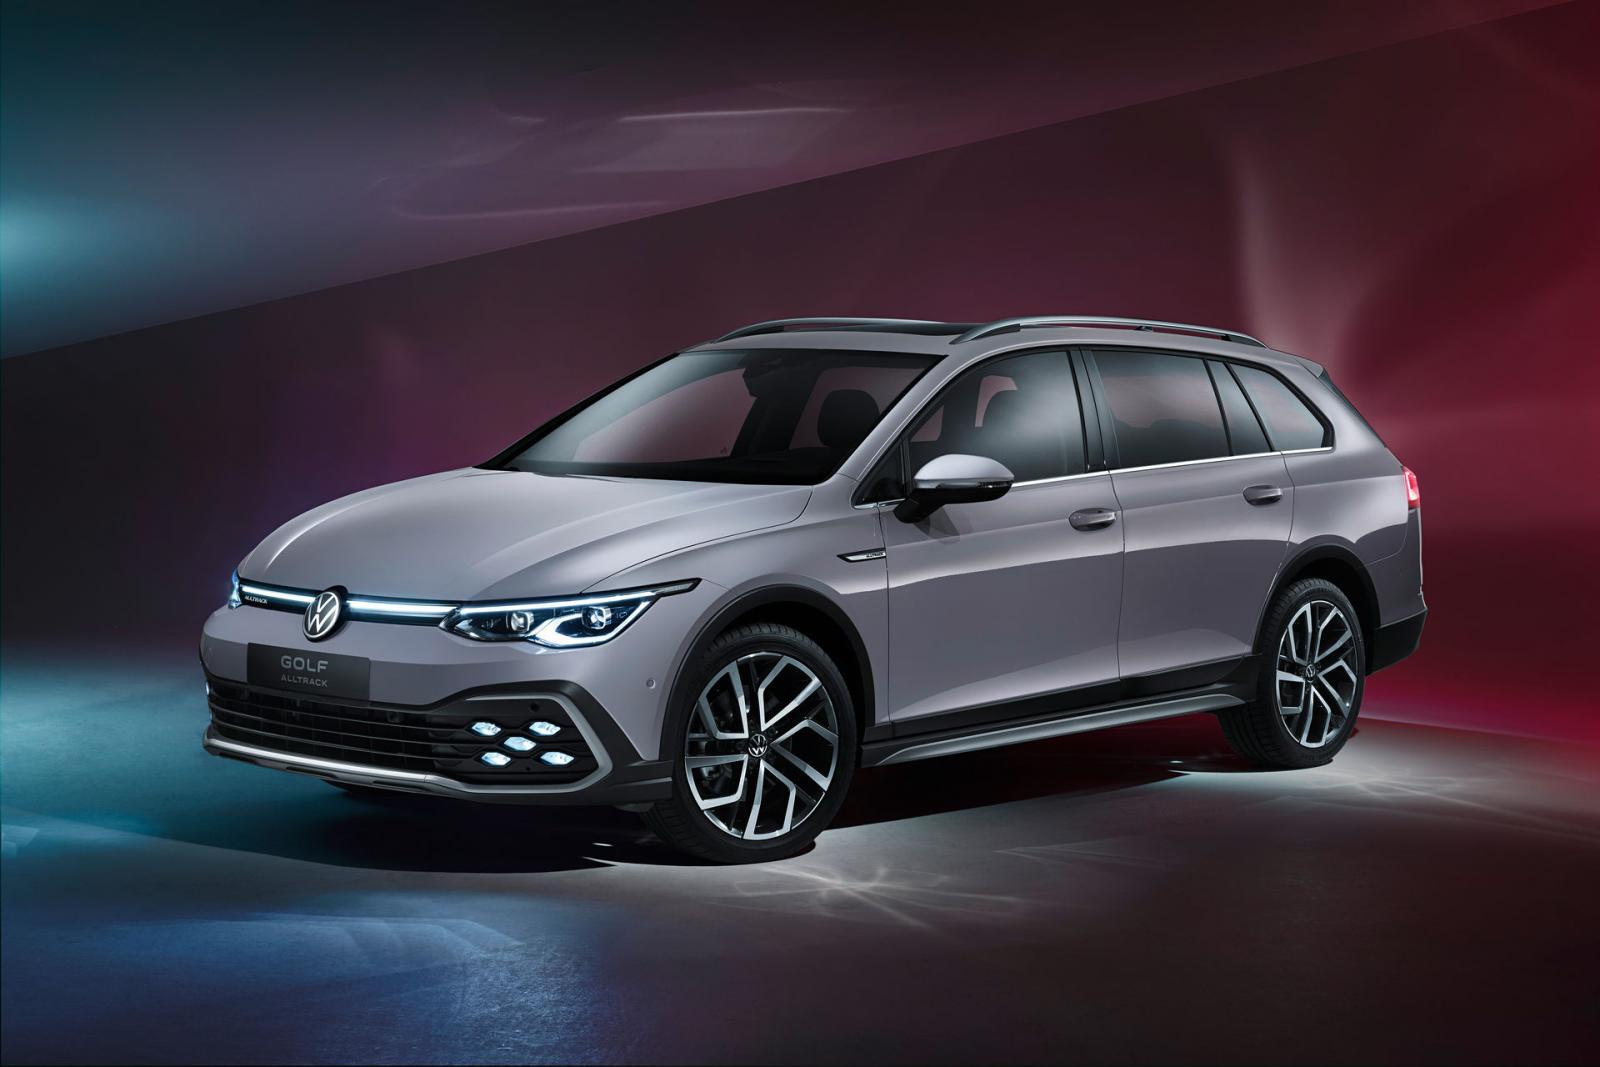 Premiär: Volkswagen Golf nu som kombi och Alltrack